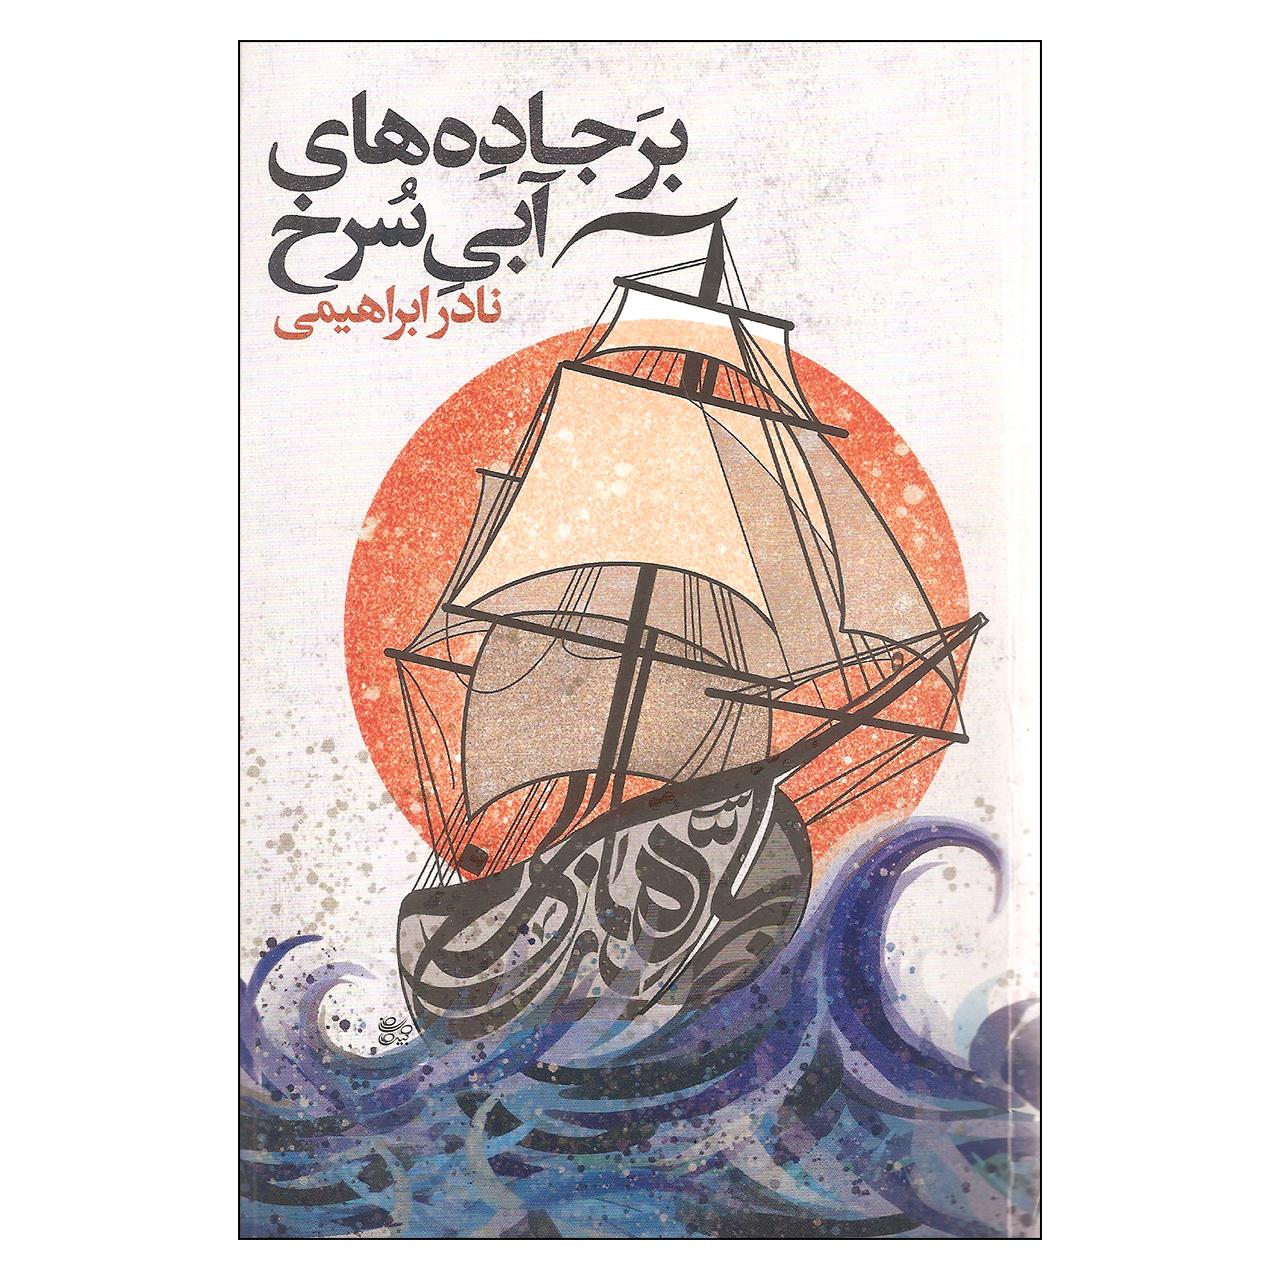 کتاب بر جاده های آبی سرخ اثر نادر ابراهیمی نشر روزبهان